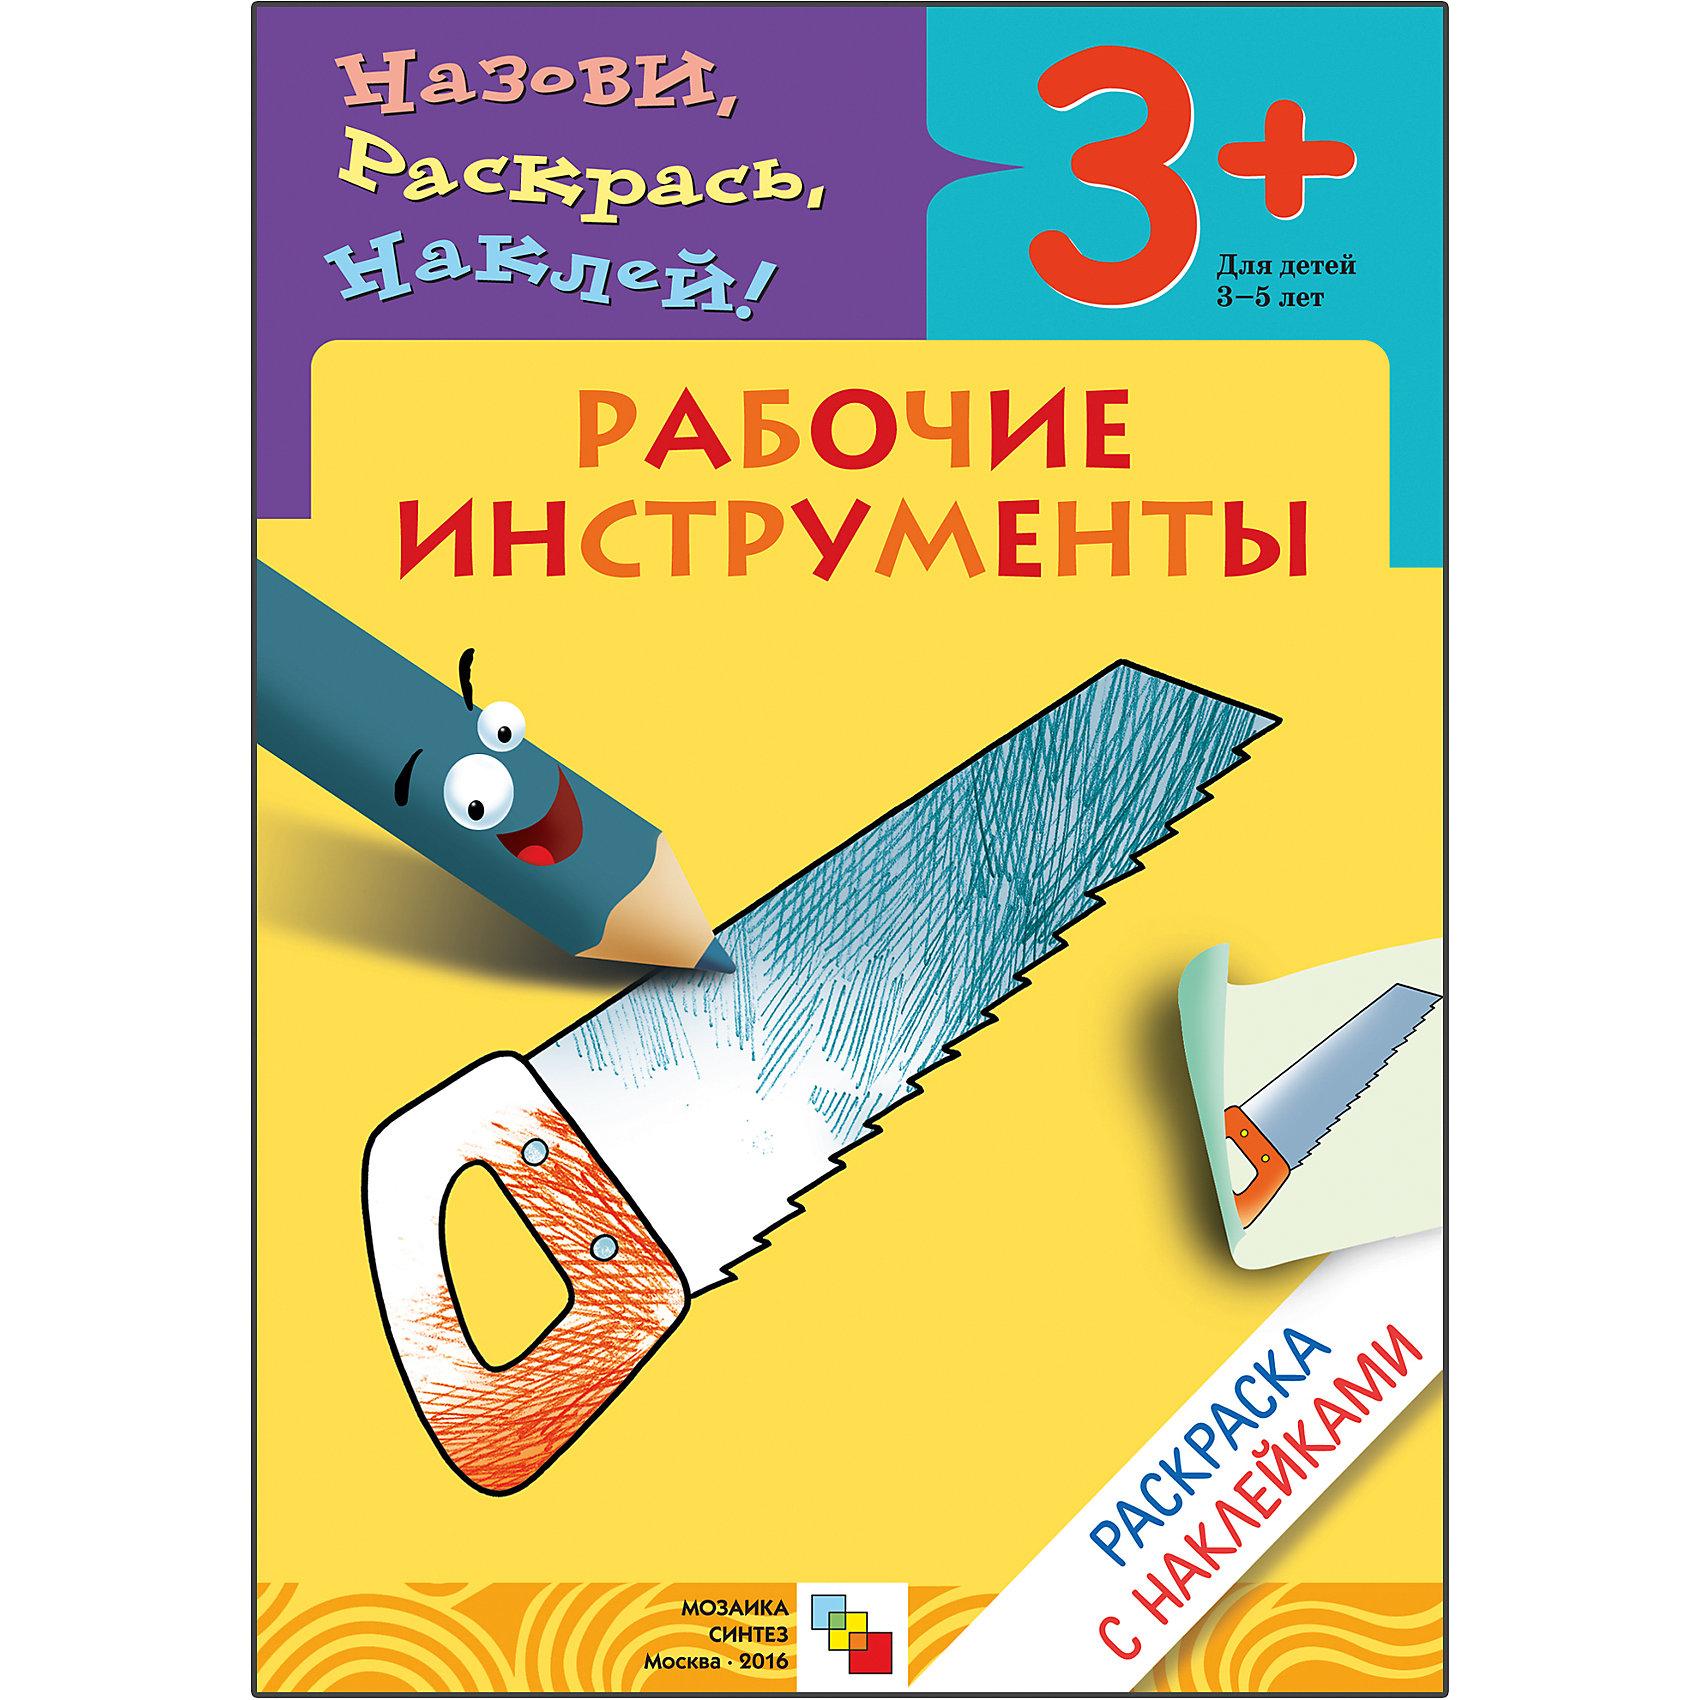 Раскраска с наклейками Рабочие инструментыРисование<br>Раскраска с наклейками «Рабочие инструменты»<br><br>Характеристики:<br>• издательство: Мозаика-Синтез;<br>• размер: 24х0,2х17 см.;<br>• количество страниц: 8 <br>• тип обложки: мягкая<br>• иллюстрации: чёрно-белые;<br>• ISBN: 9785867756789;<br>• вес: 64 г.;<br>• для детей в возрасте: от 3х лет;<br>• страна производитель: Россия.<br>Развивающая книжка-раскраска из серии «Назови, раскрась, наклей!» предназначена для детей от трёх лет. С её помощью ребёнок сможет называть инструменты, а потом раскрашивать их. Наклейки-подсказки помогут с выбором цвета для каждого вида инструментов. Все инструменты описаны в виде тематических забавных четверостиший, которые развлекут ребёнка. Занимаясь с книжкой-раскраской дети смогут развивать мелкую моторику рук, чувство цвета, творческие способности, логику. Слушая и запоминая стихи дети развивают память, словарный запас, учатся правильно формировать и строить предложения, запоминают основные правила русского языка. <br>Раскраску с наклейками «Рабочие инструменты» можно купить в нашем интернет-магазине.<br><br>Ширина мм: 20<br>Глубина мм: 170<br>Высота мм: 240<br>Вес г: 55<br>Возраст от месяцев: 36<br>Возраст до месяцев: 60<br>Пол: Унисекс<br>Возраст: Детский<br>SKU: 5562602